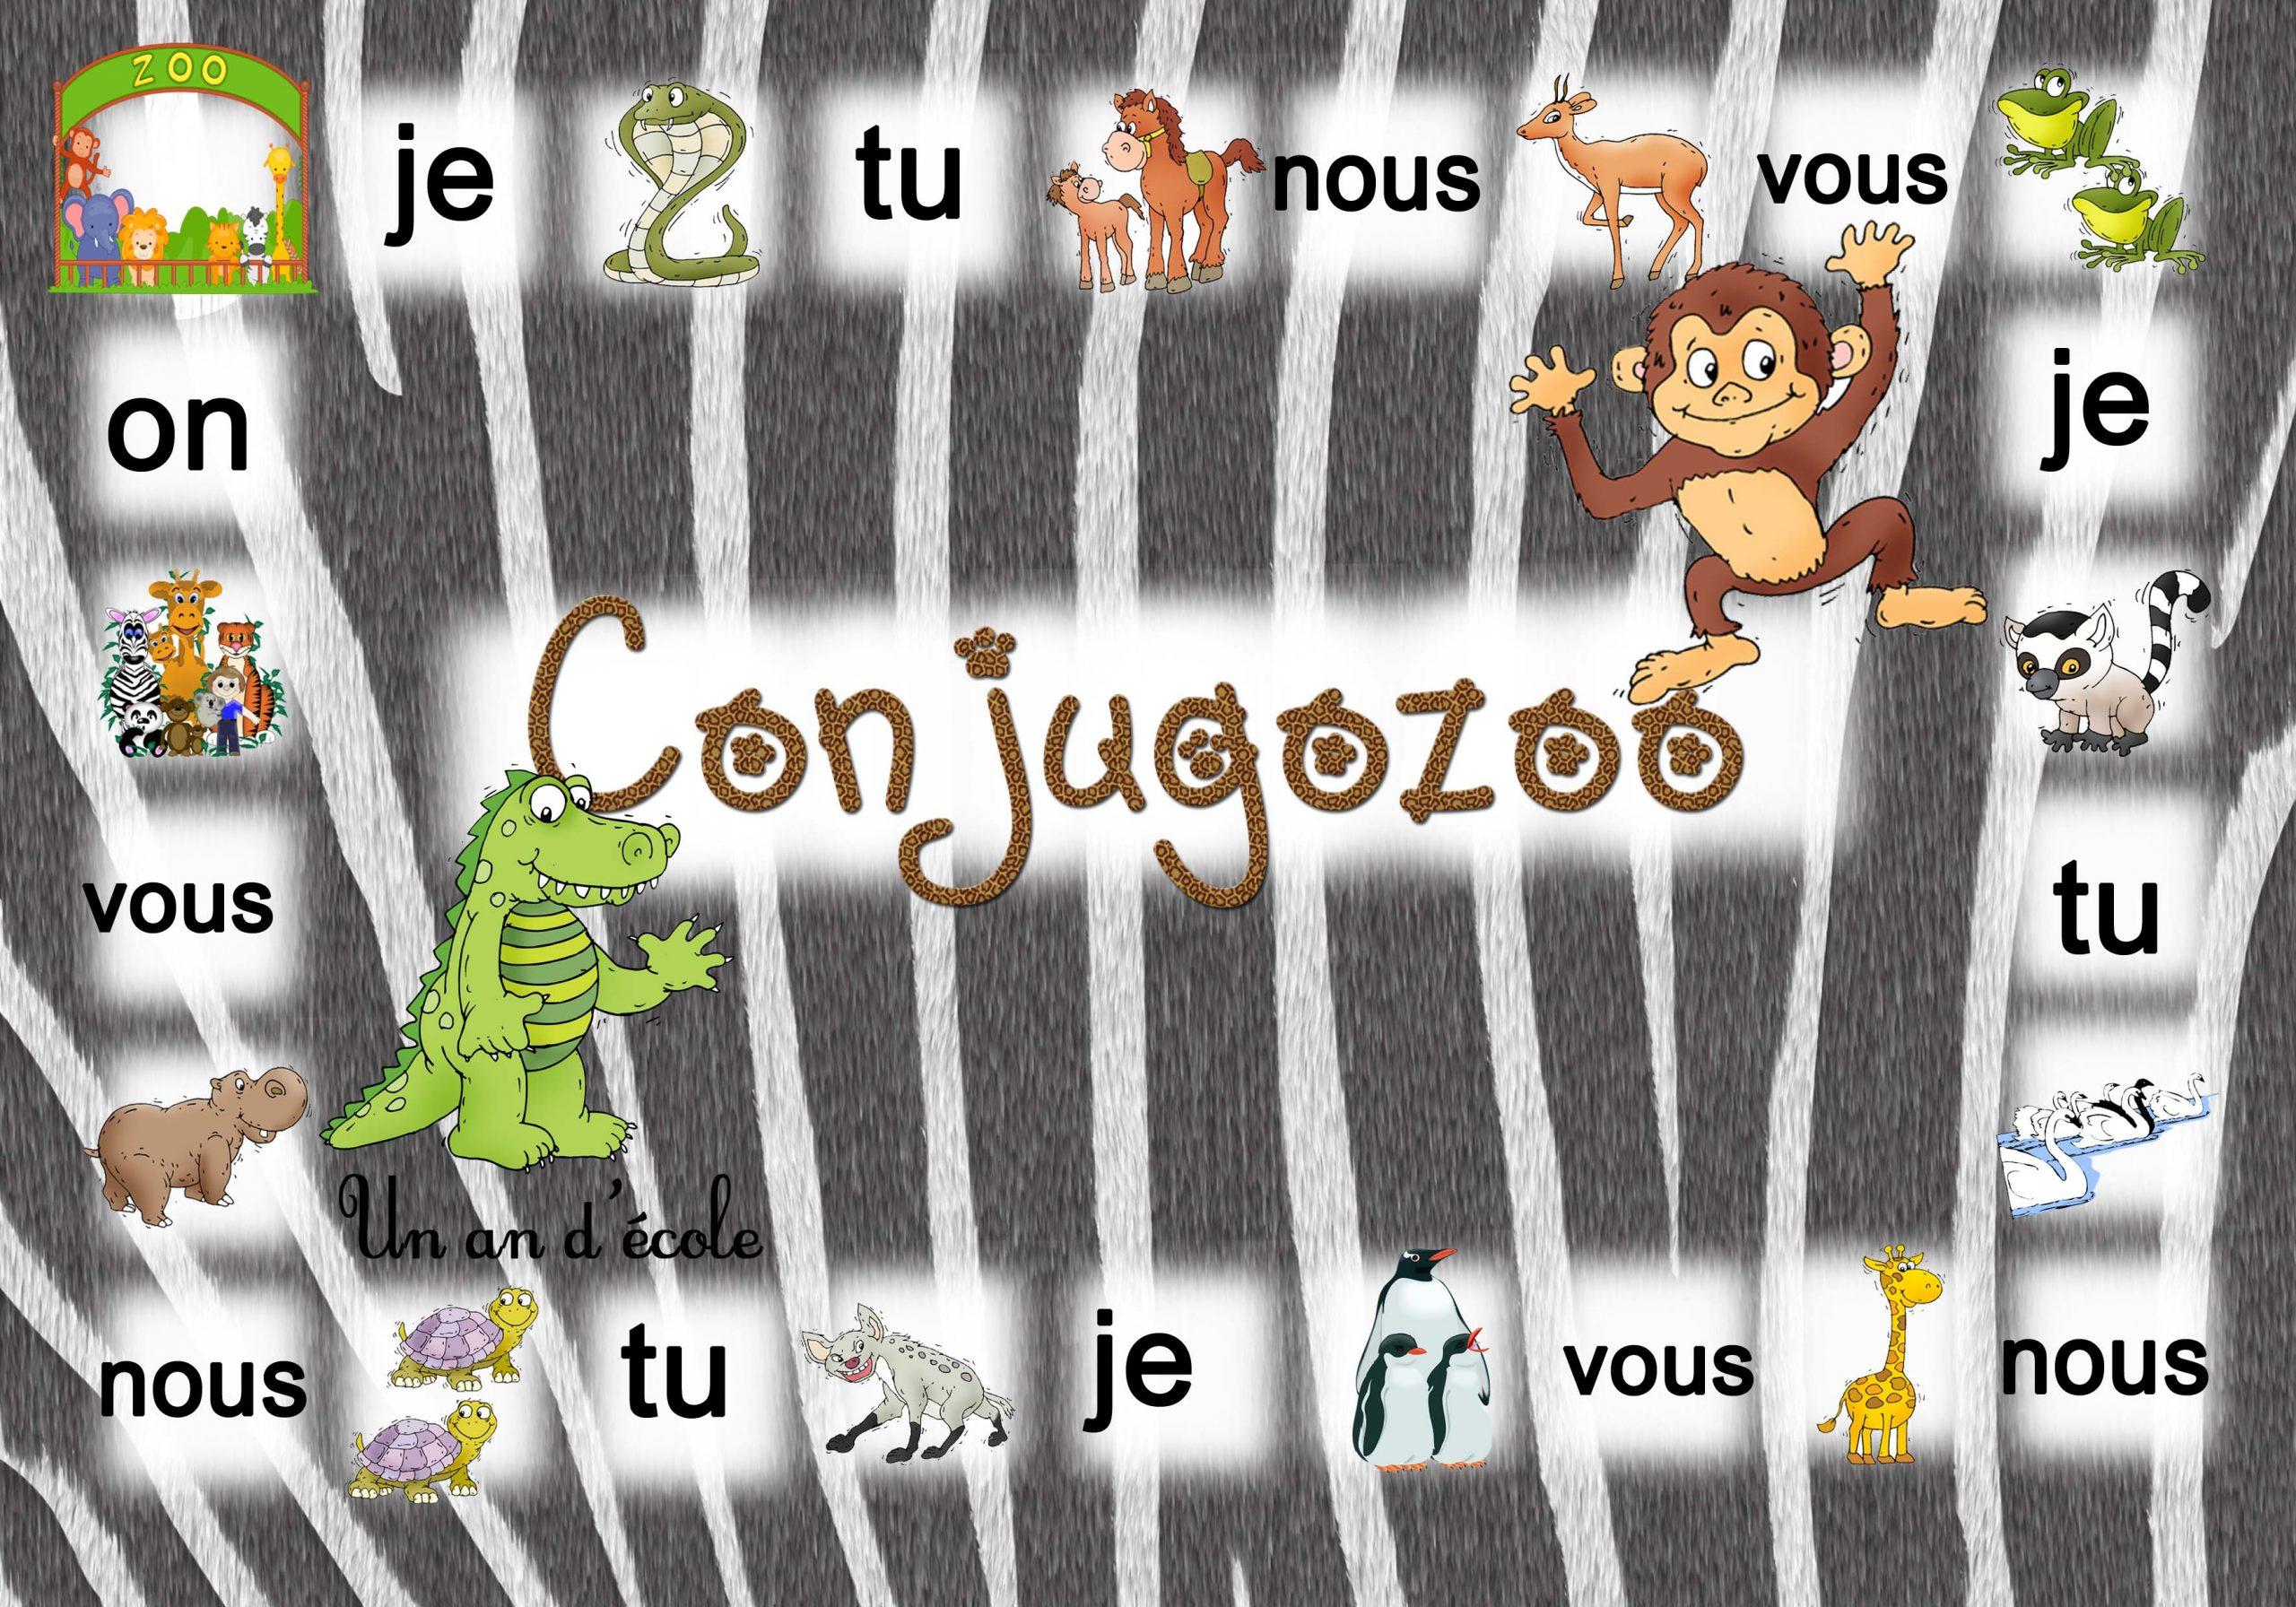 Conjugozoo : Jeu Pour Conjuguer Du Ce1 Au Cm2 En Passant Par tout Jeux Éducatifs À Imprimer Collège